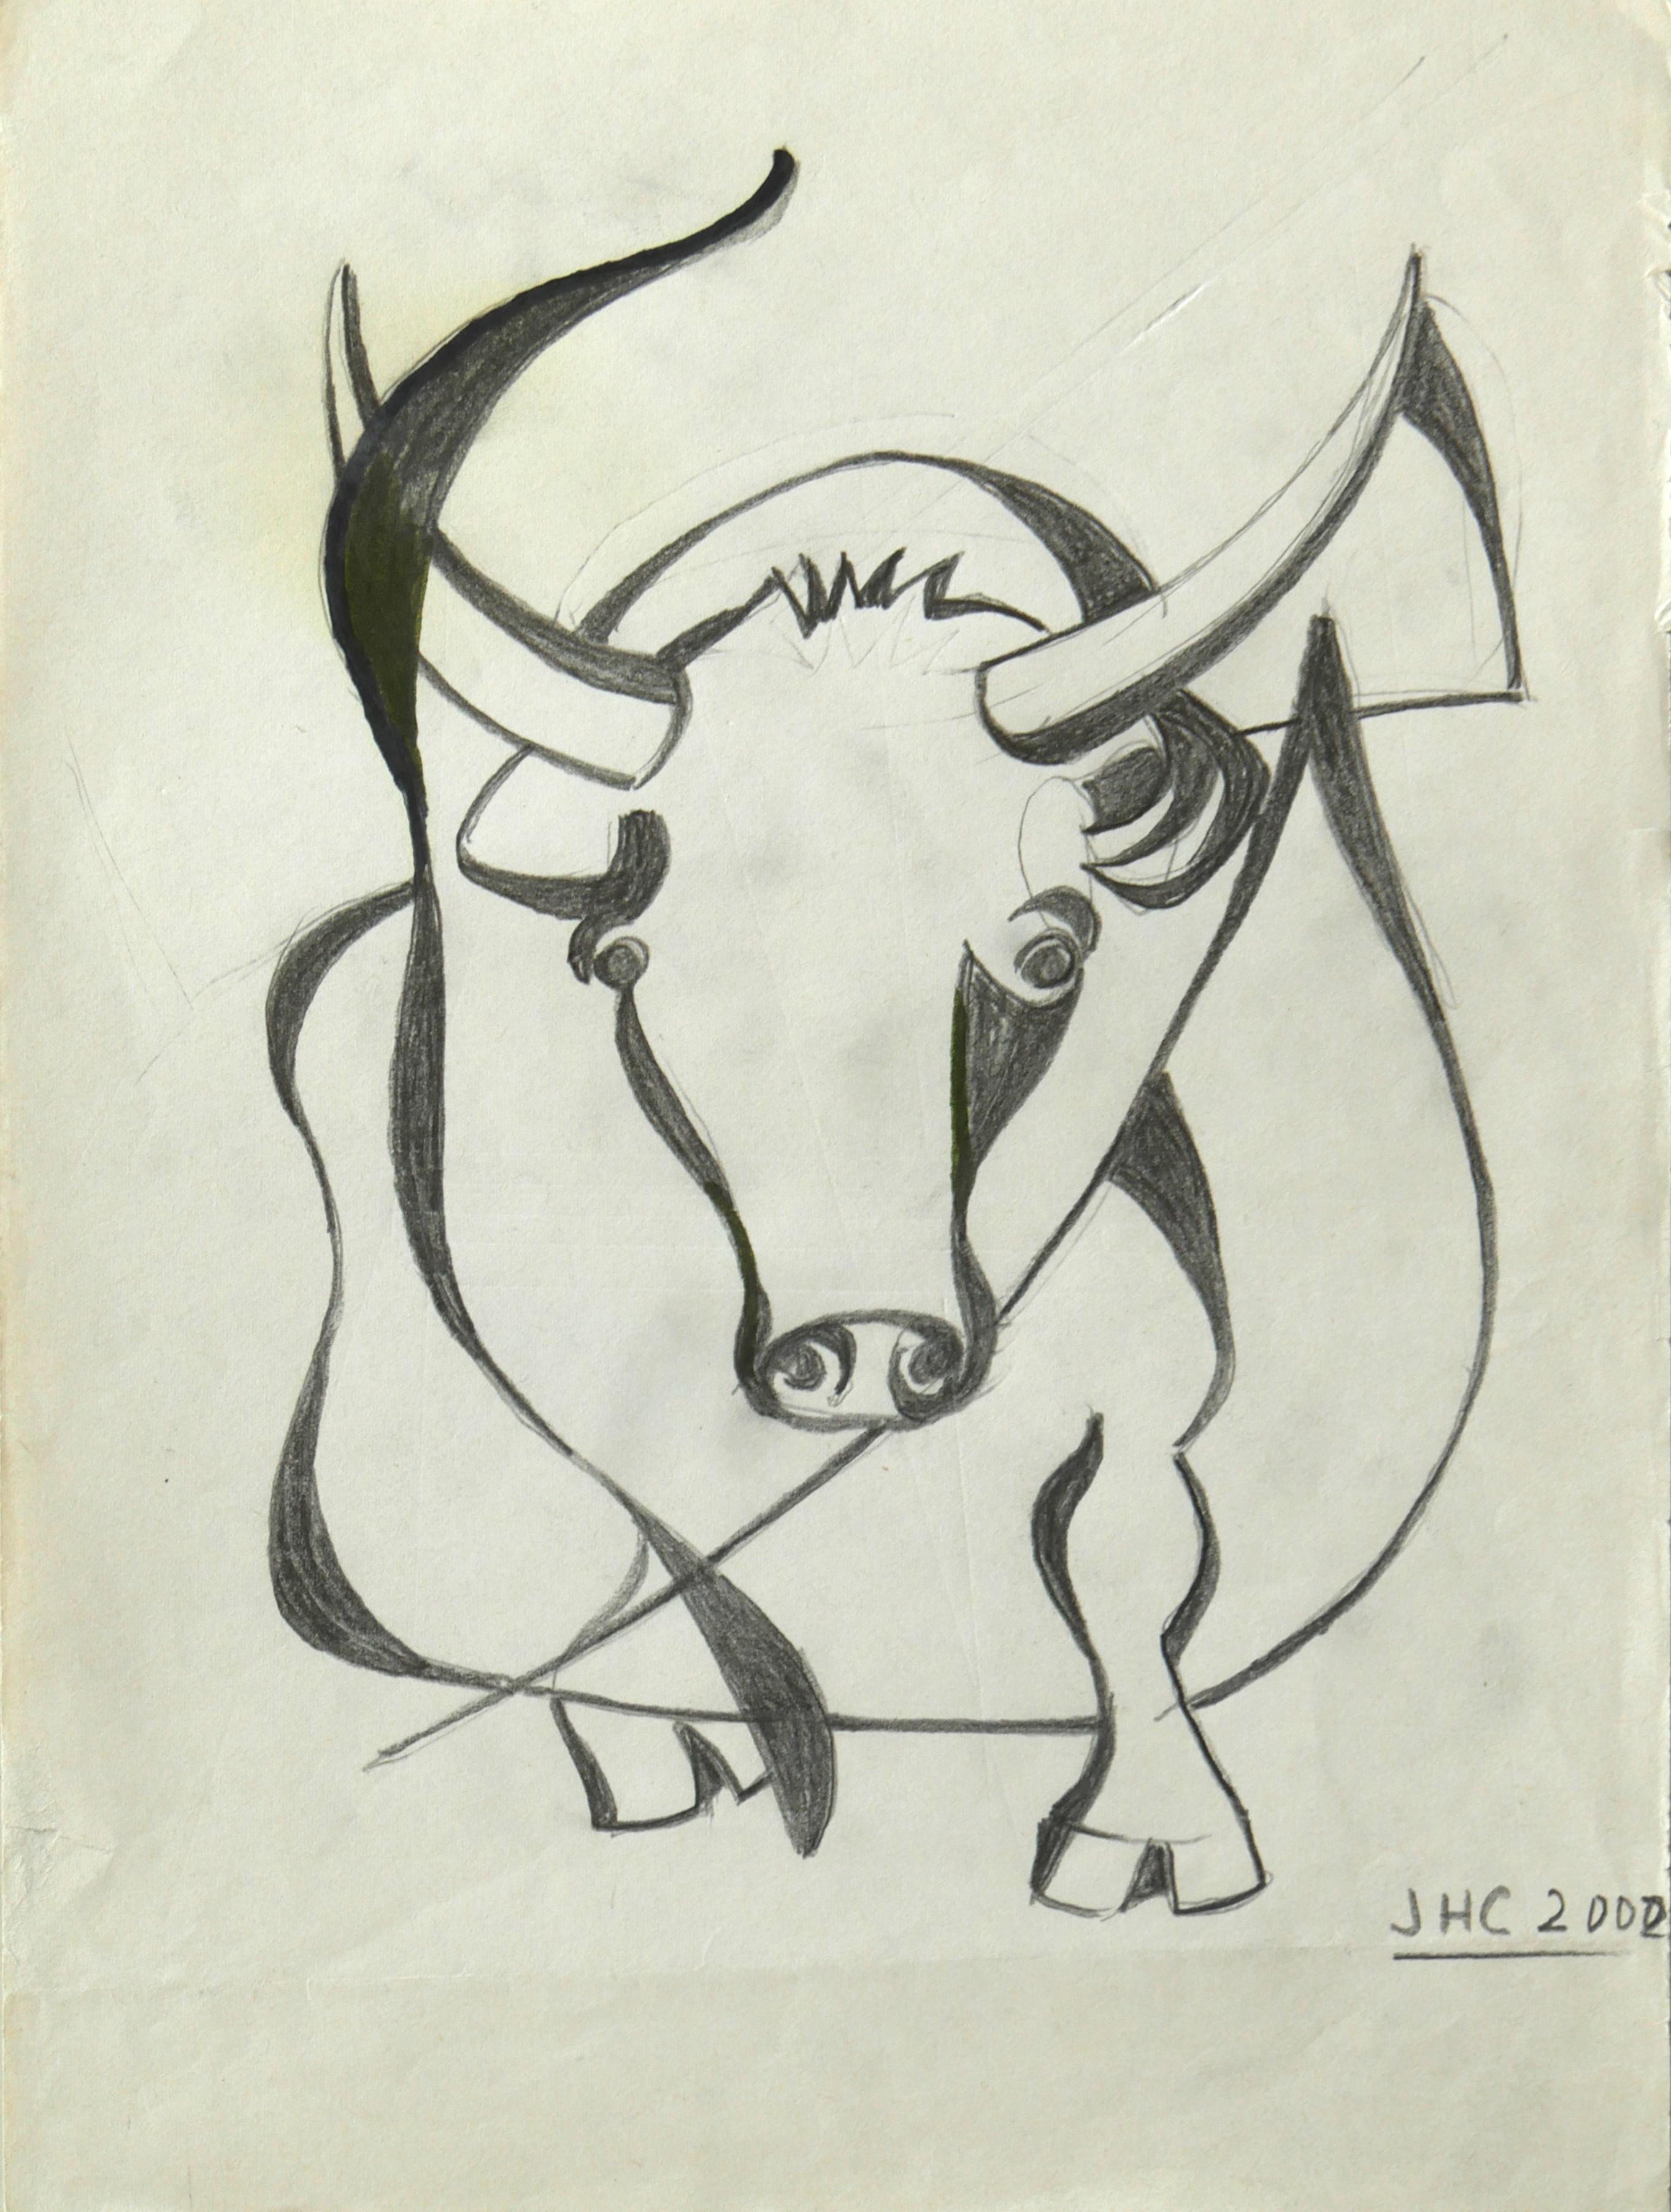 2000.1. Toro. 28 x21 cm. Lápiz. 2000